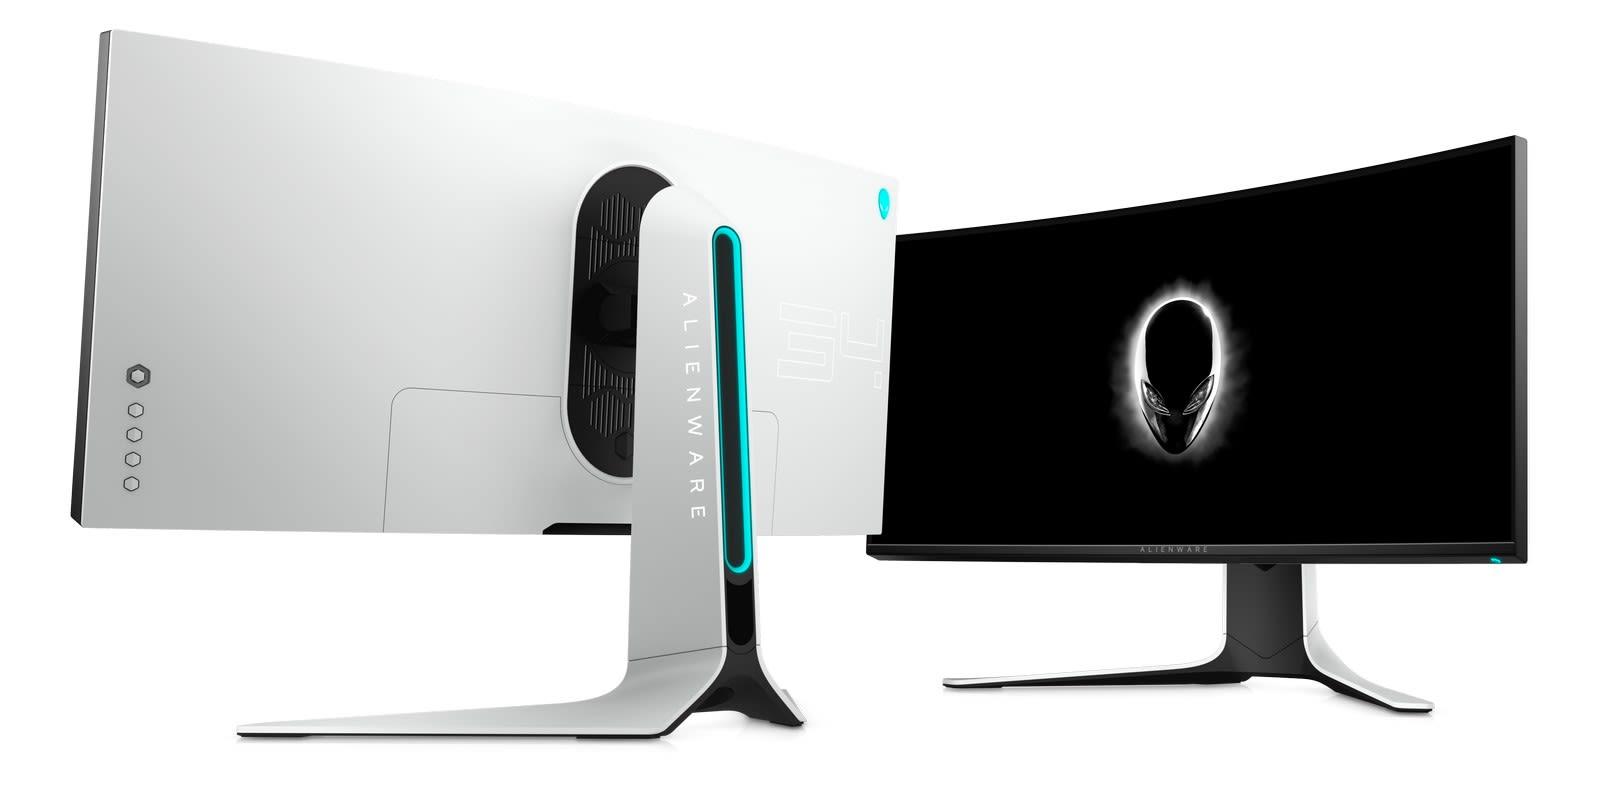 Alienware gaming monitors